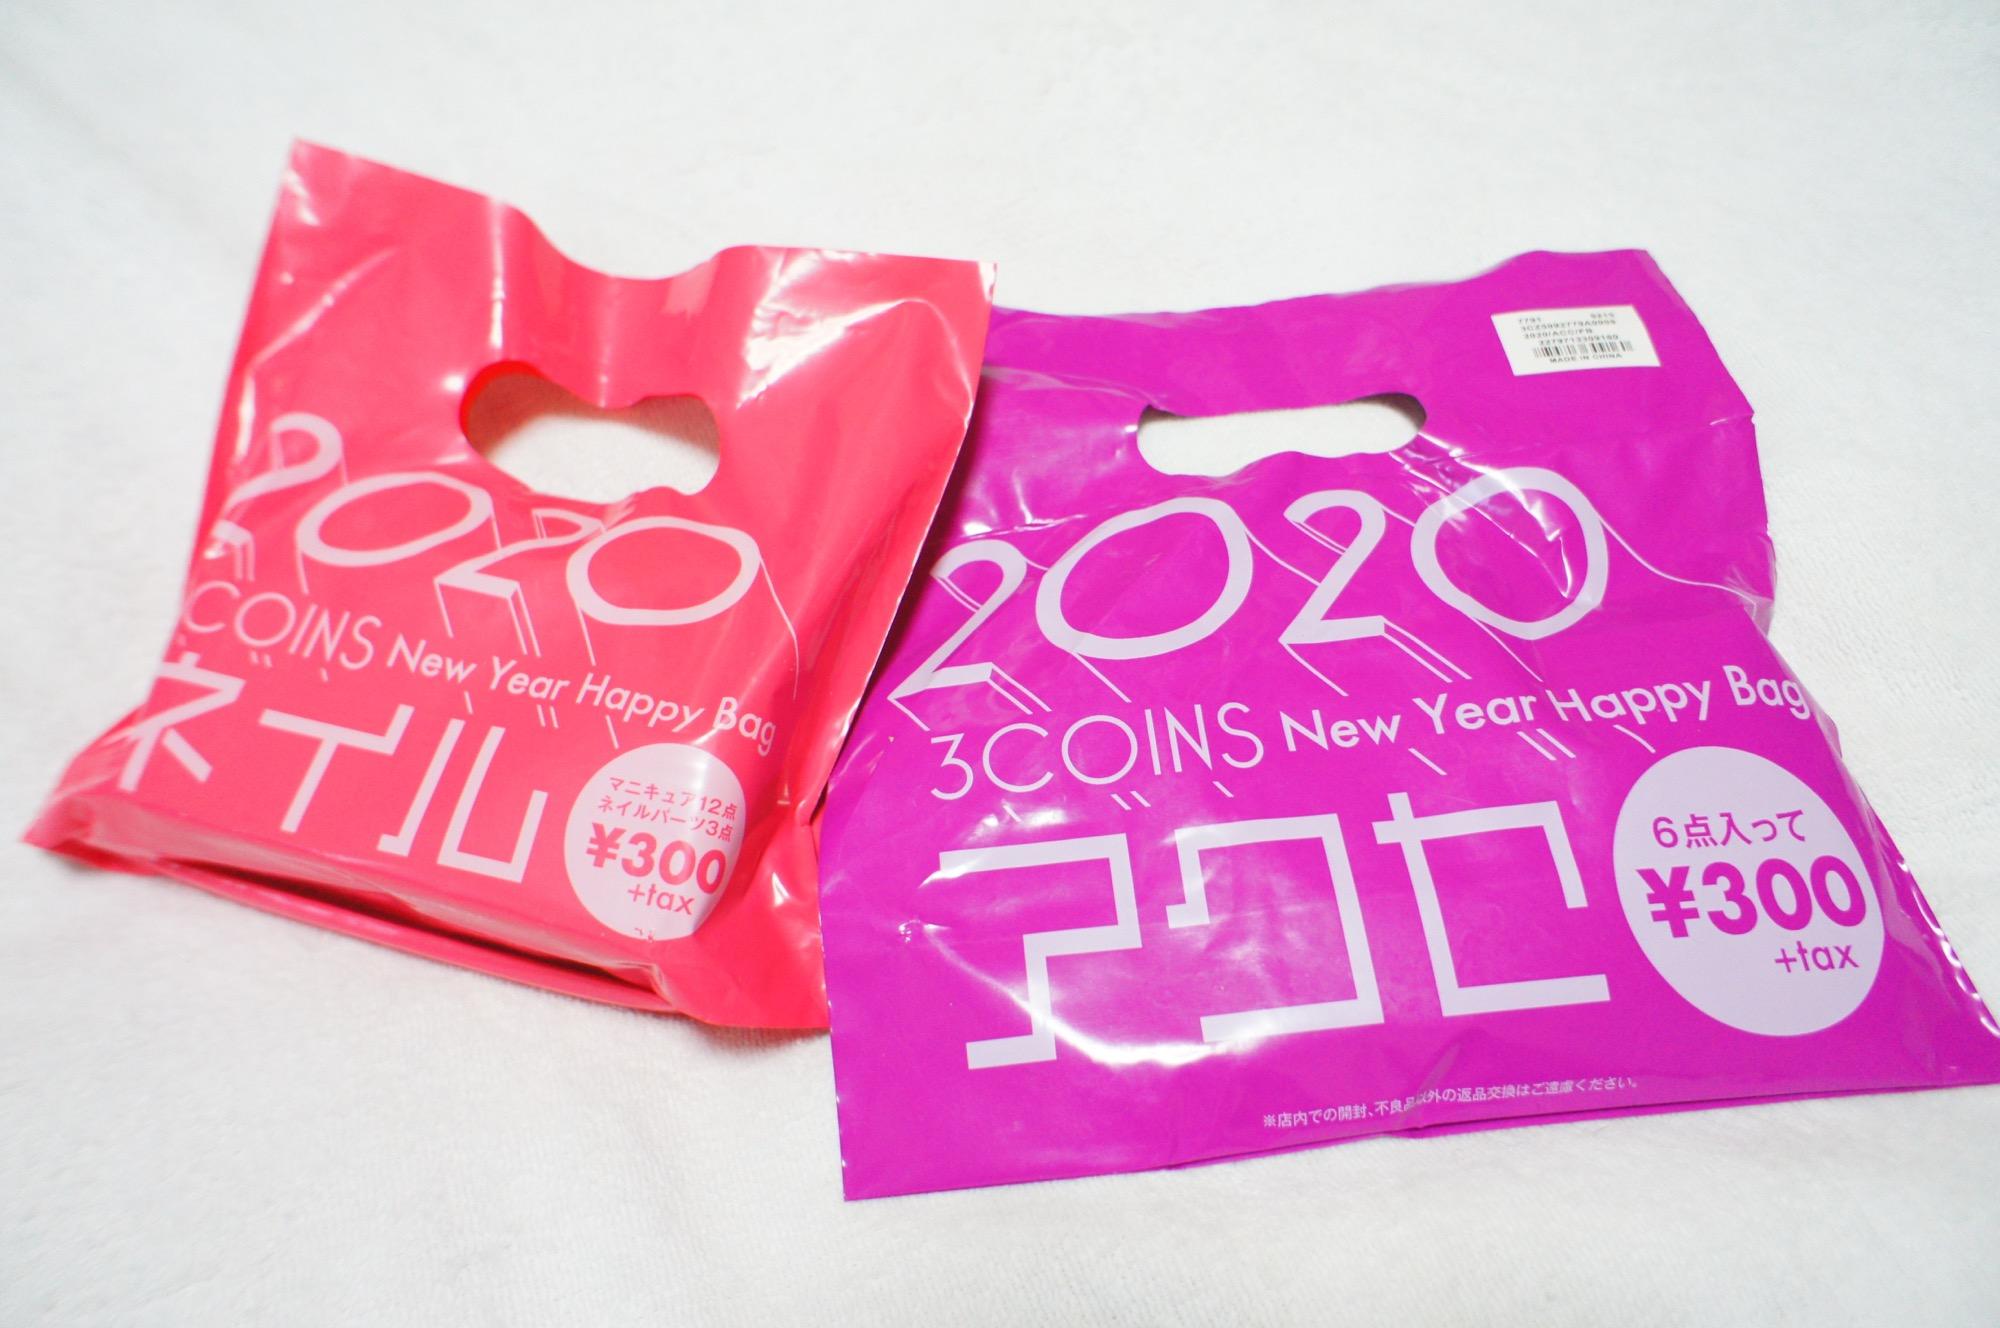 《完売必至❤️》【3COINS】2020福袋¥300+税がおトクすぎる!!☻_1